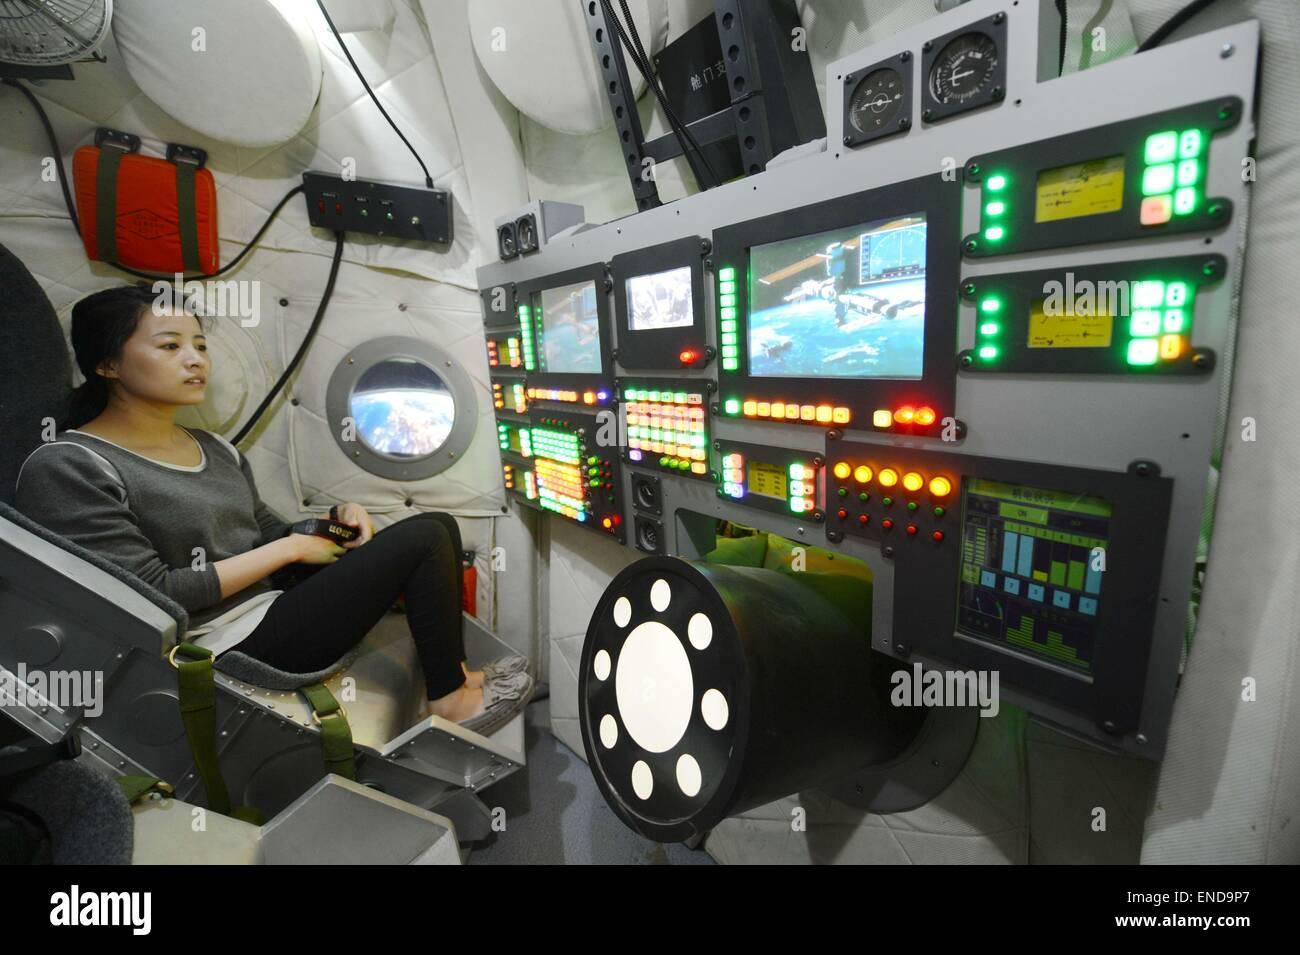 Wj Stock Photos & Wj Stock Images - Alamy